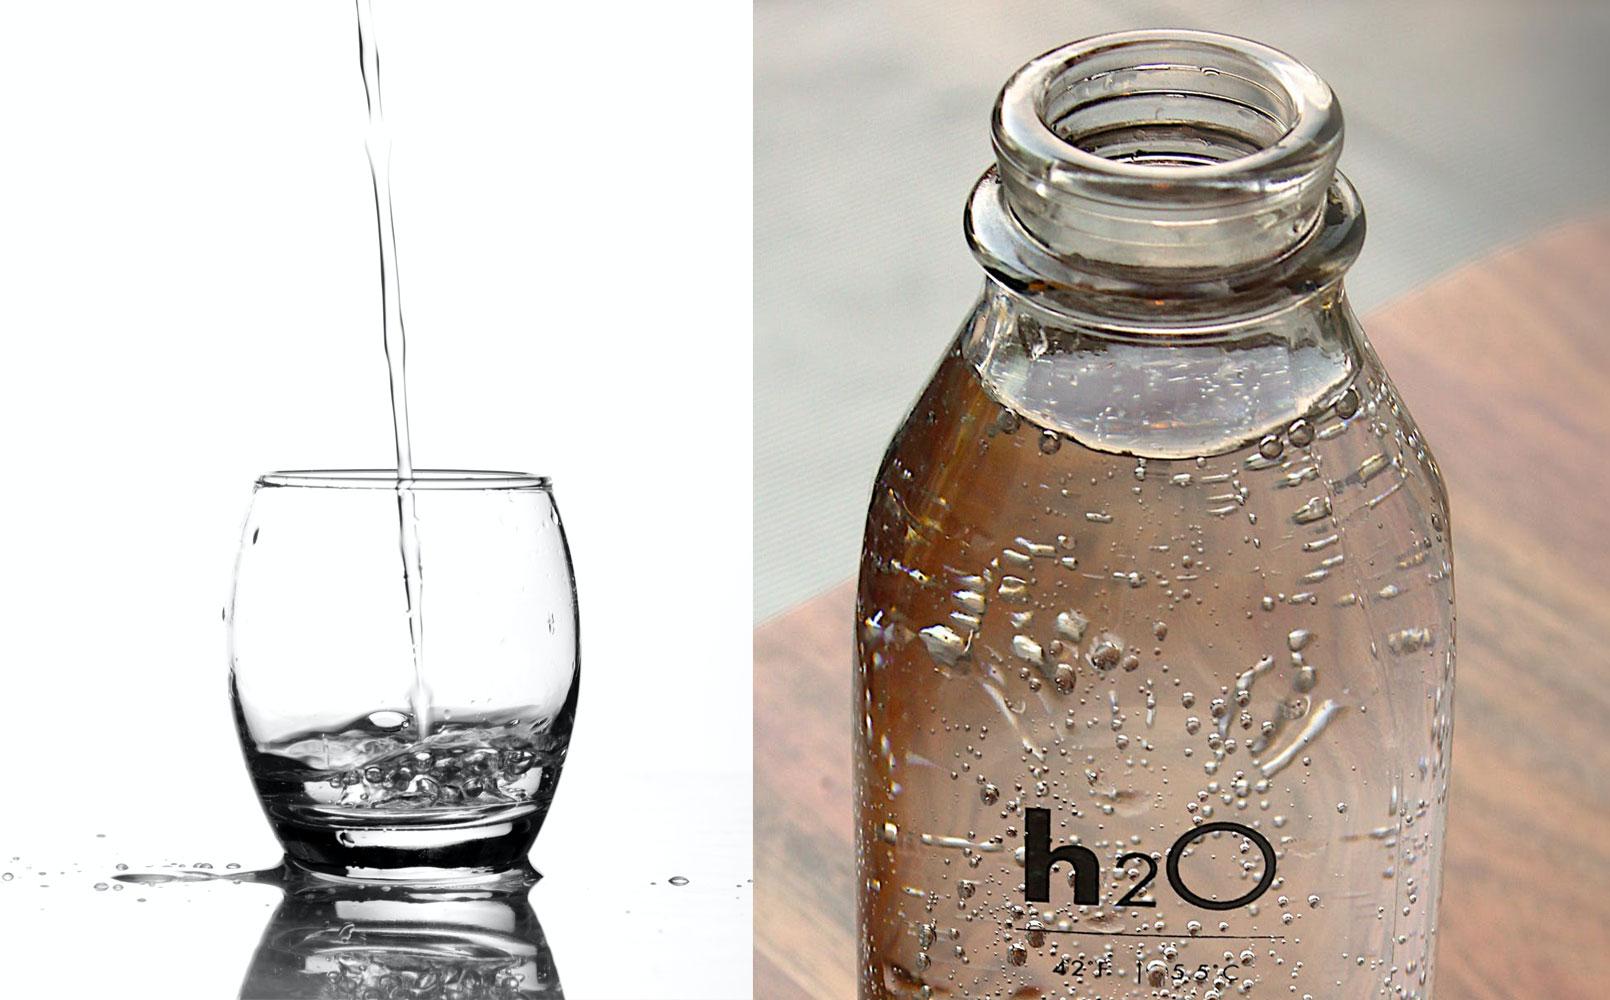 Воду надо пить чистую